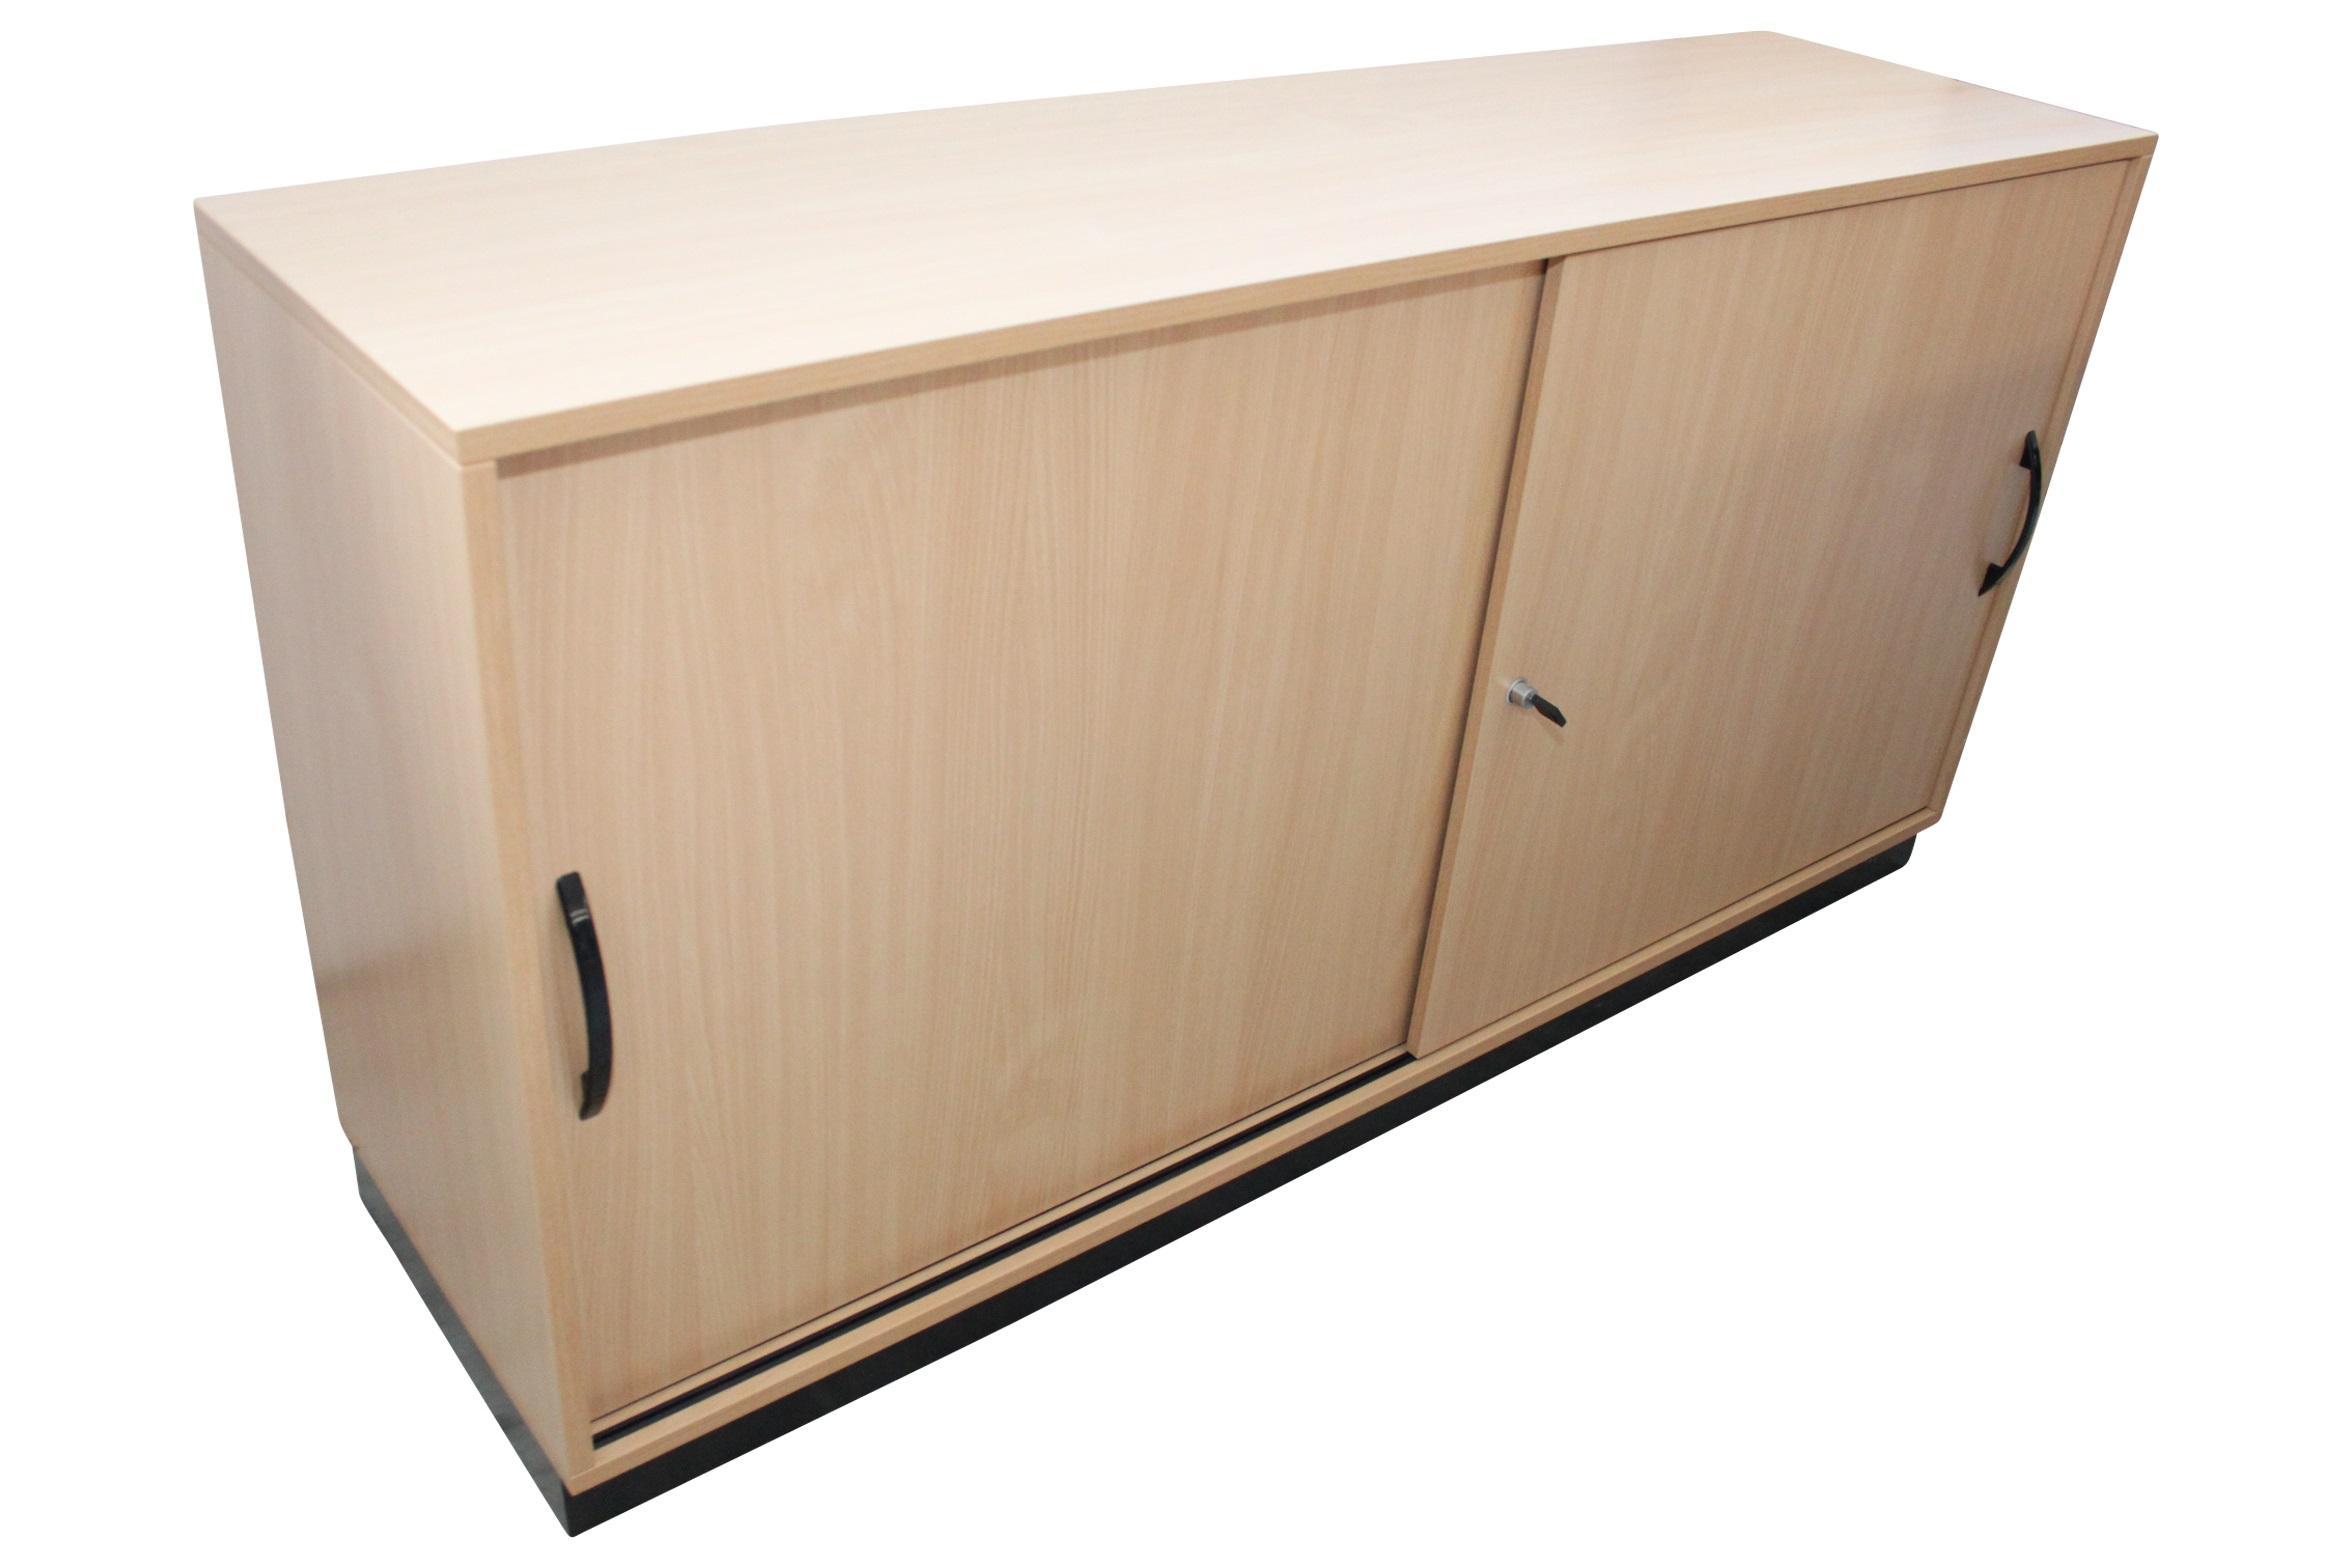 Assmann Gebrauchtes Sideboard Mit Schiebeturen In Hellem Buchendekor